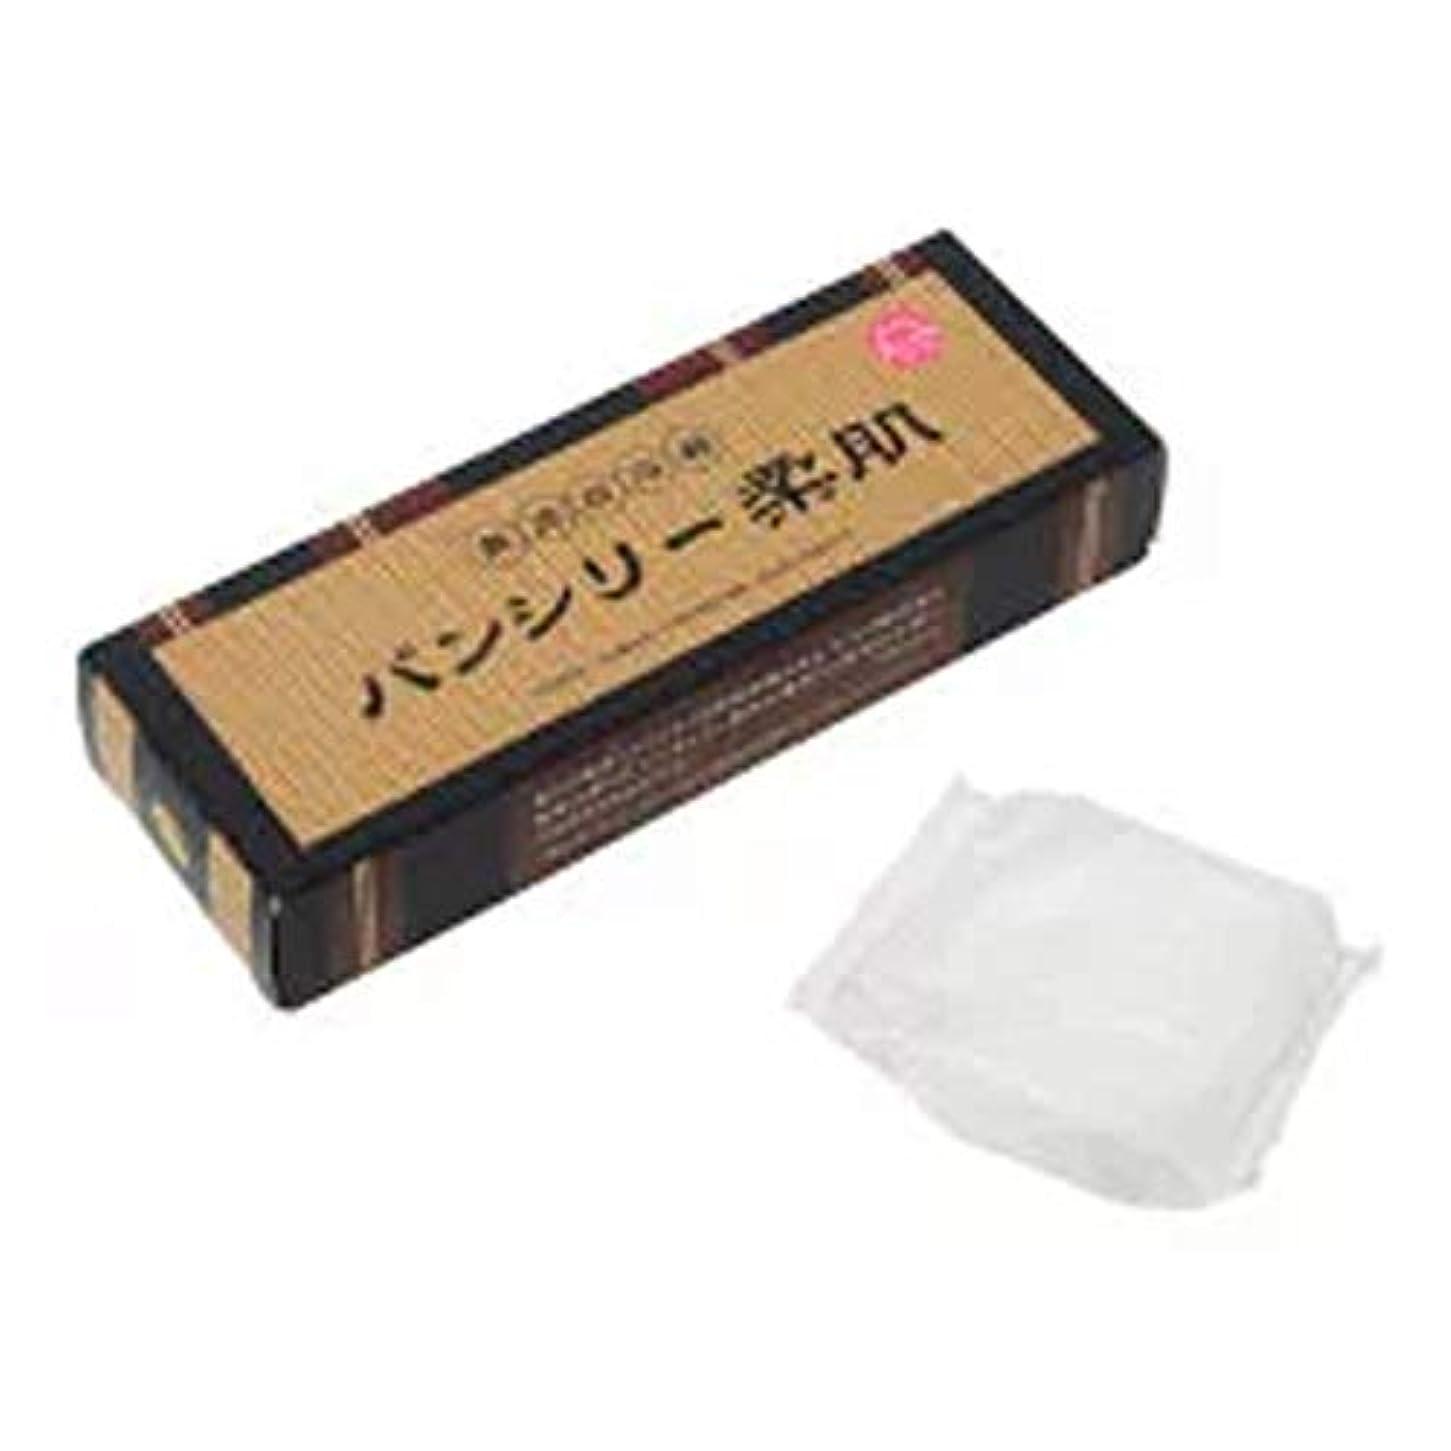 建築家コンテンポラリー民間パンシリー柔肌 60g×3個 石鹸 せっけん 渋柿 コンフリー コラーゲン ヒアルロン酸